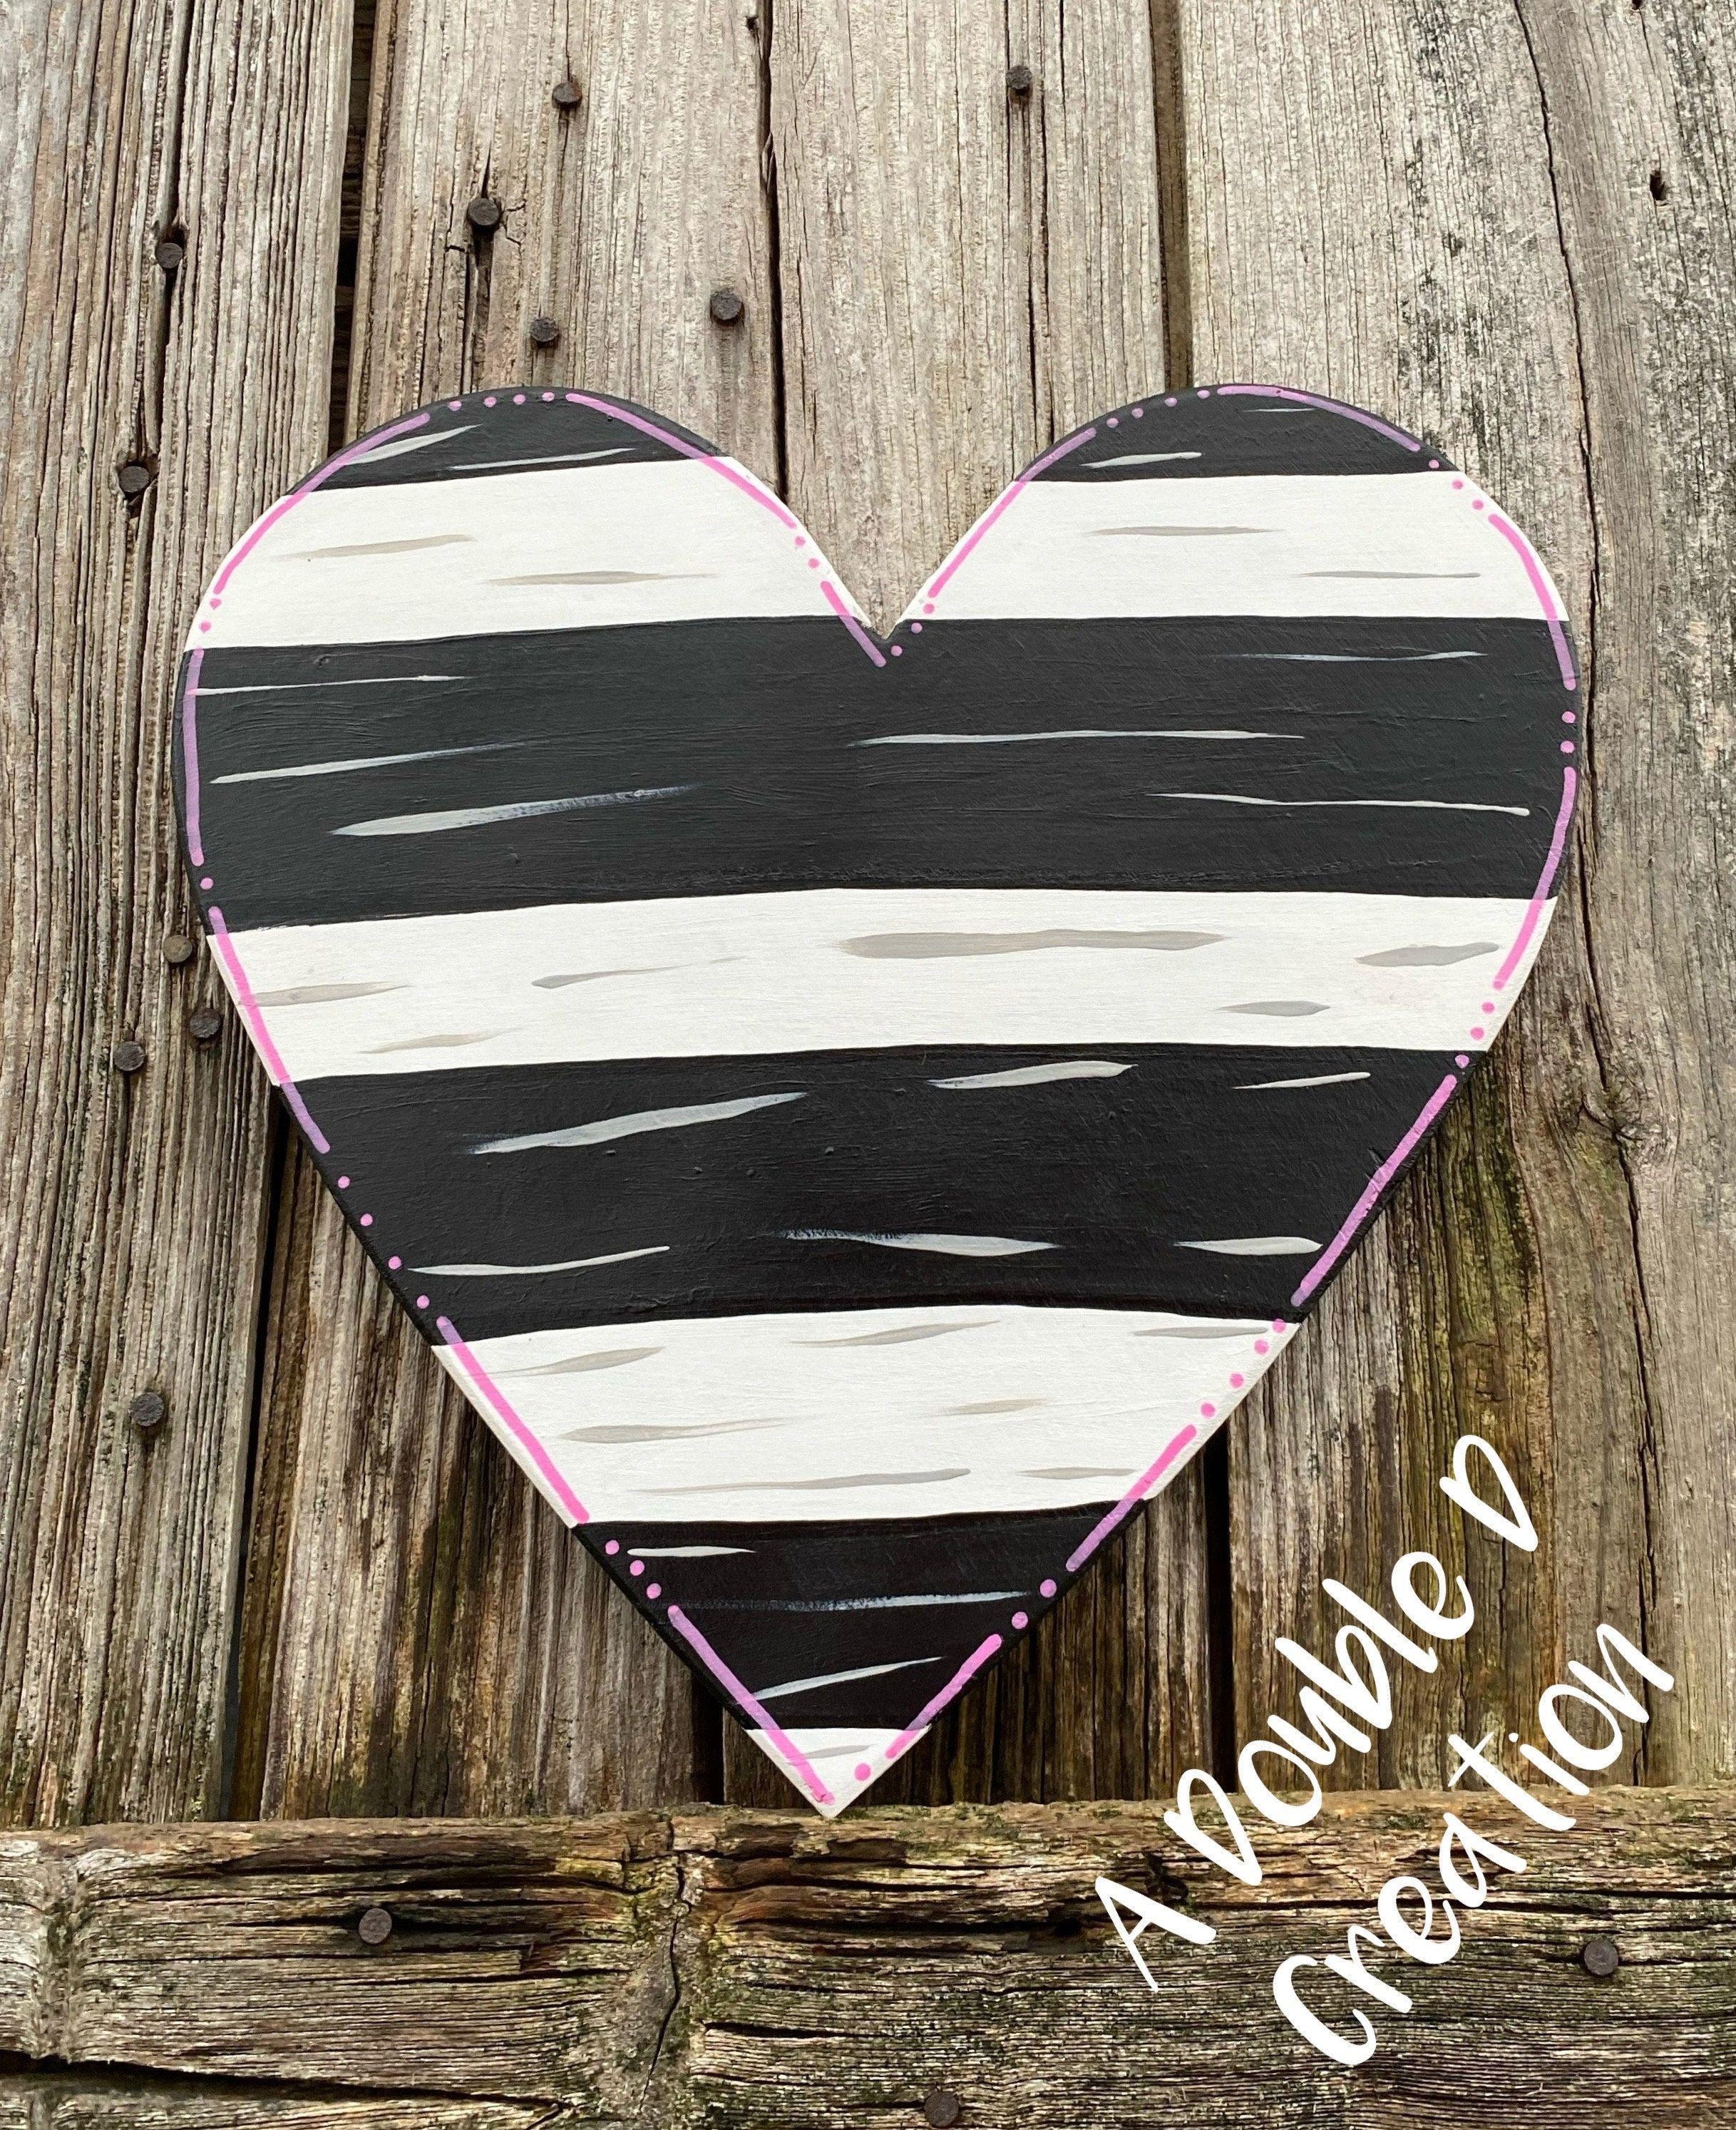 Heart Sign Wooden Heart Door Hanger Valentine S Day Decor Valentine S Day Heart Heart Wreath Attachment Heart Decor Heart Door Hanger In 2020 Heart Decorations Wooden Hearts Valentines Sign